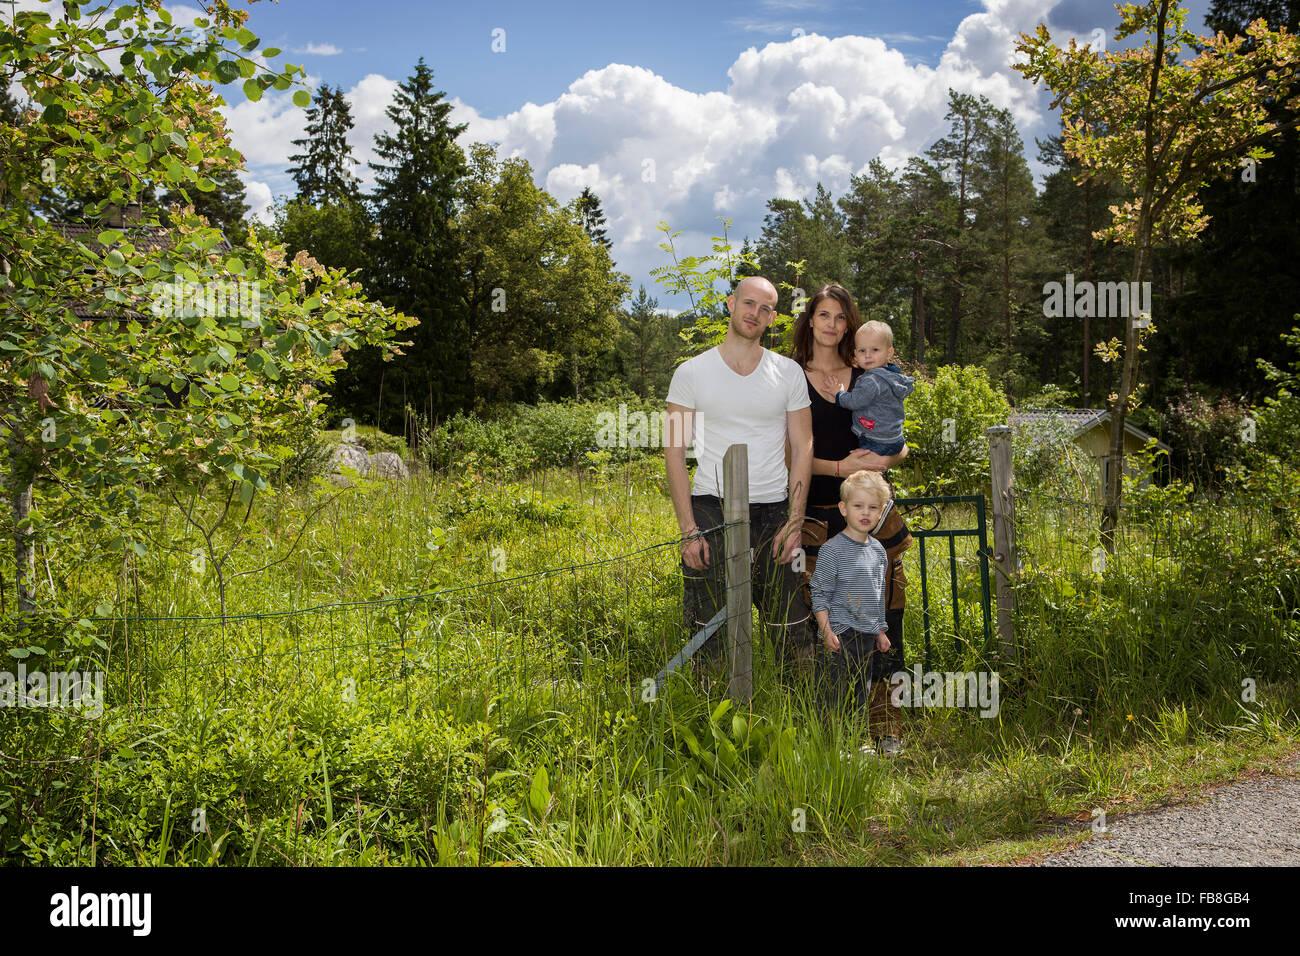 Schweden, Stockholm, Uppland, Nacka, Familie mit zwei Kindern (18-23 Monate, 4-5) stehen unter üppigem Grün Stockbild